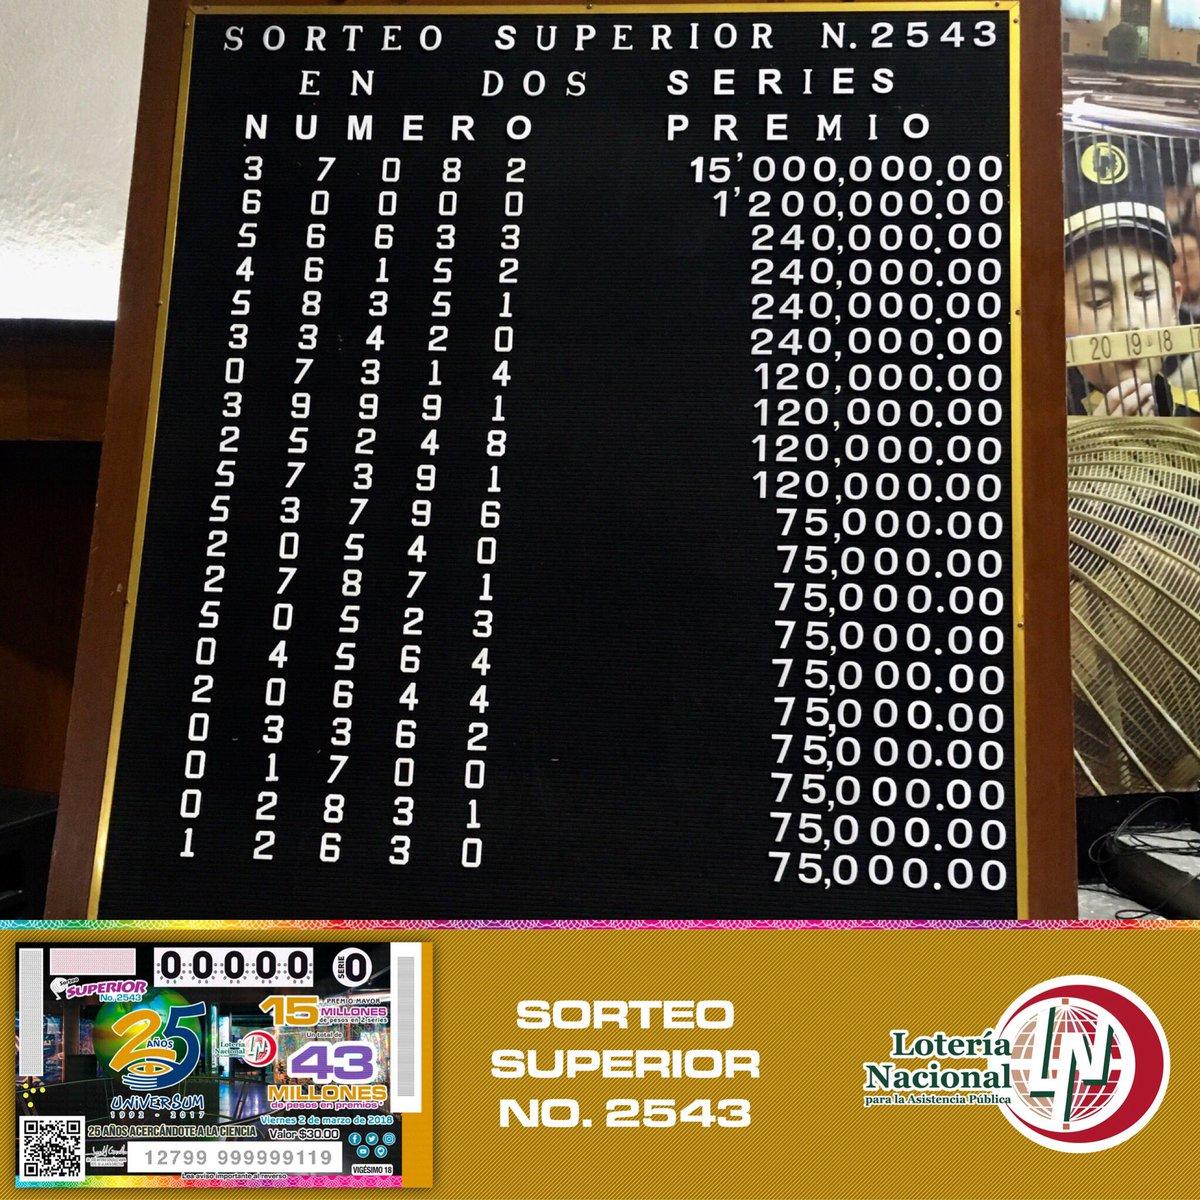 Resultados sorteo superior, 2543